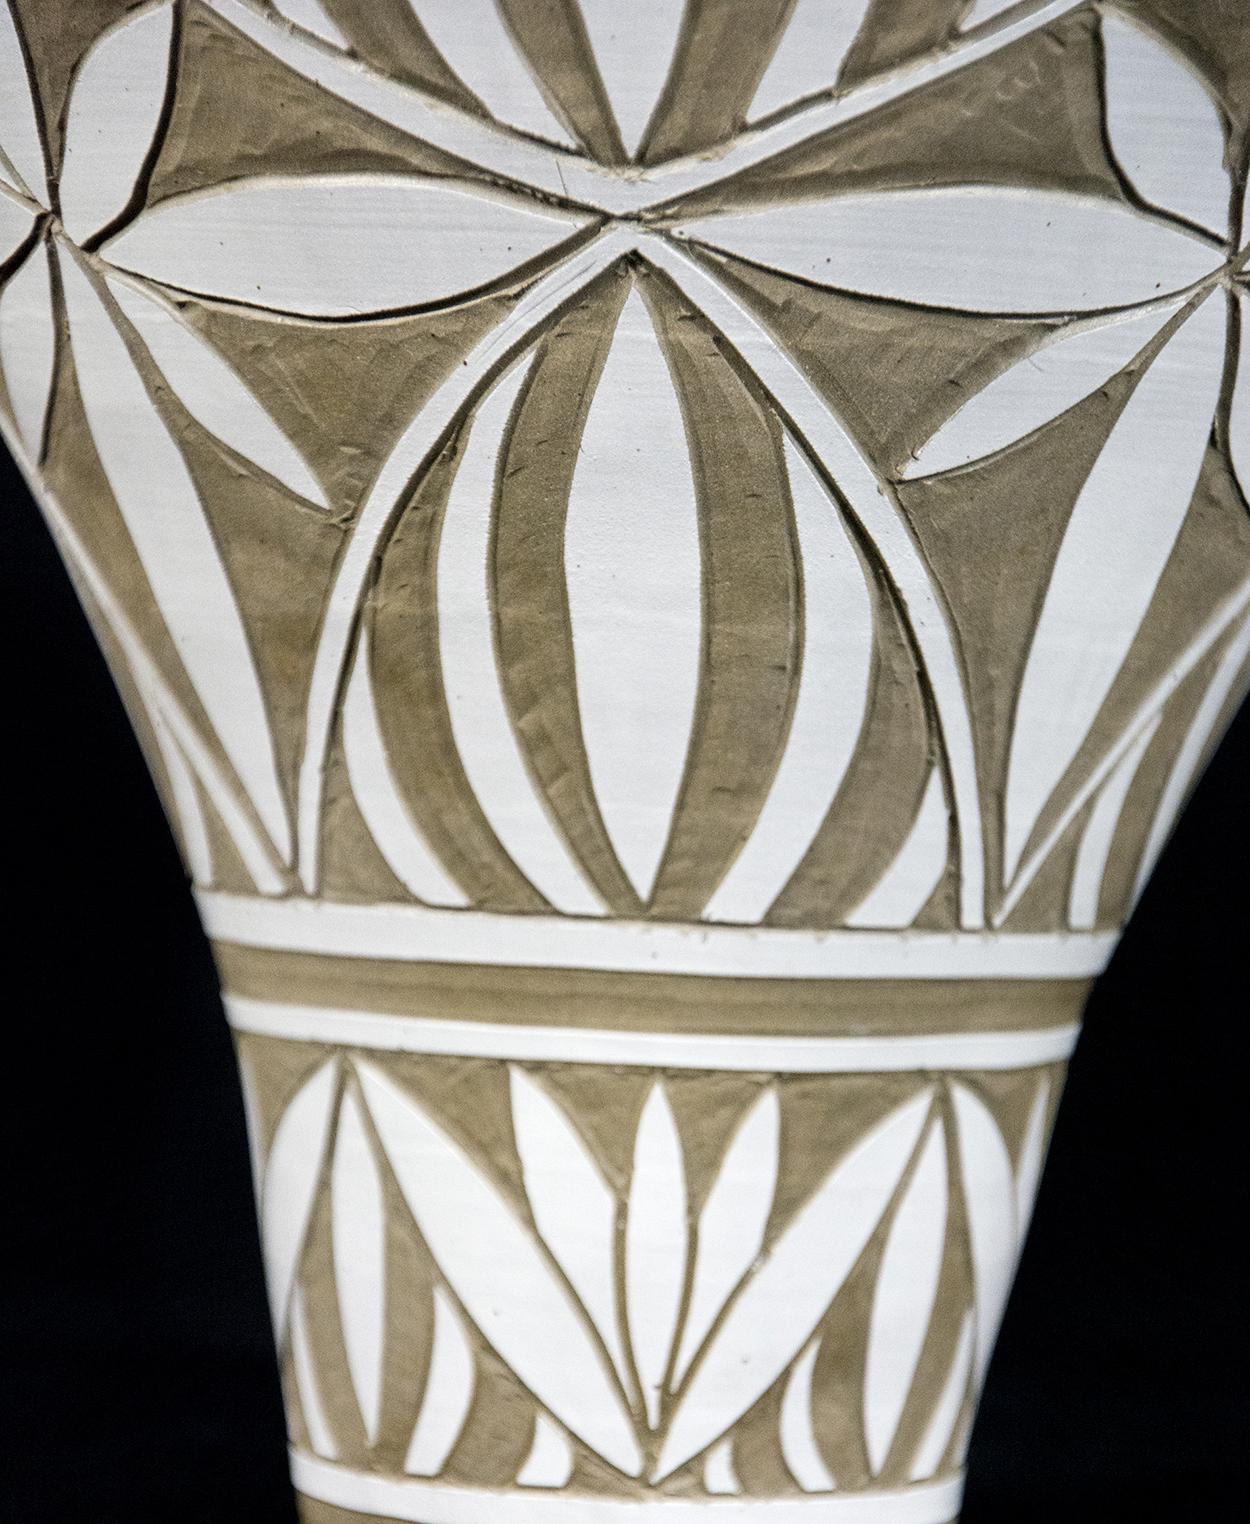 Medium Engraved Ginger Jar by Loren Kaplan » Oeno Gallery